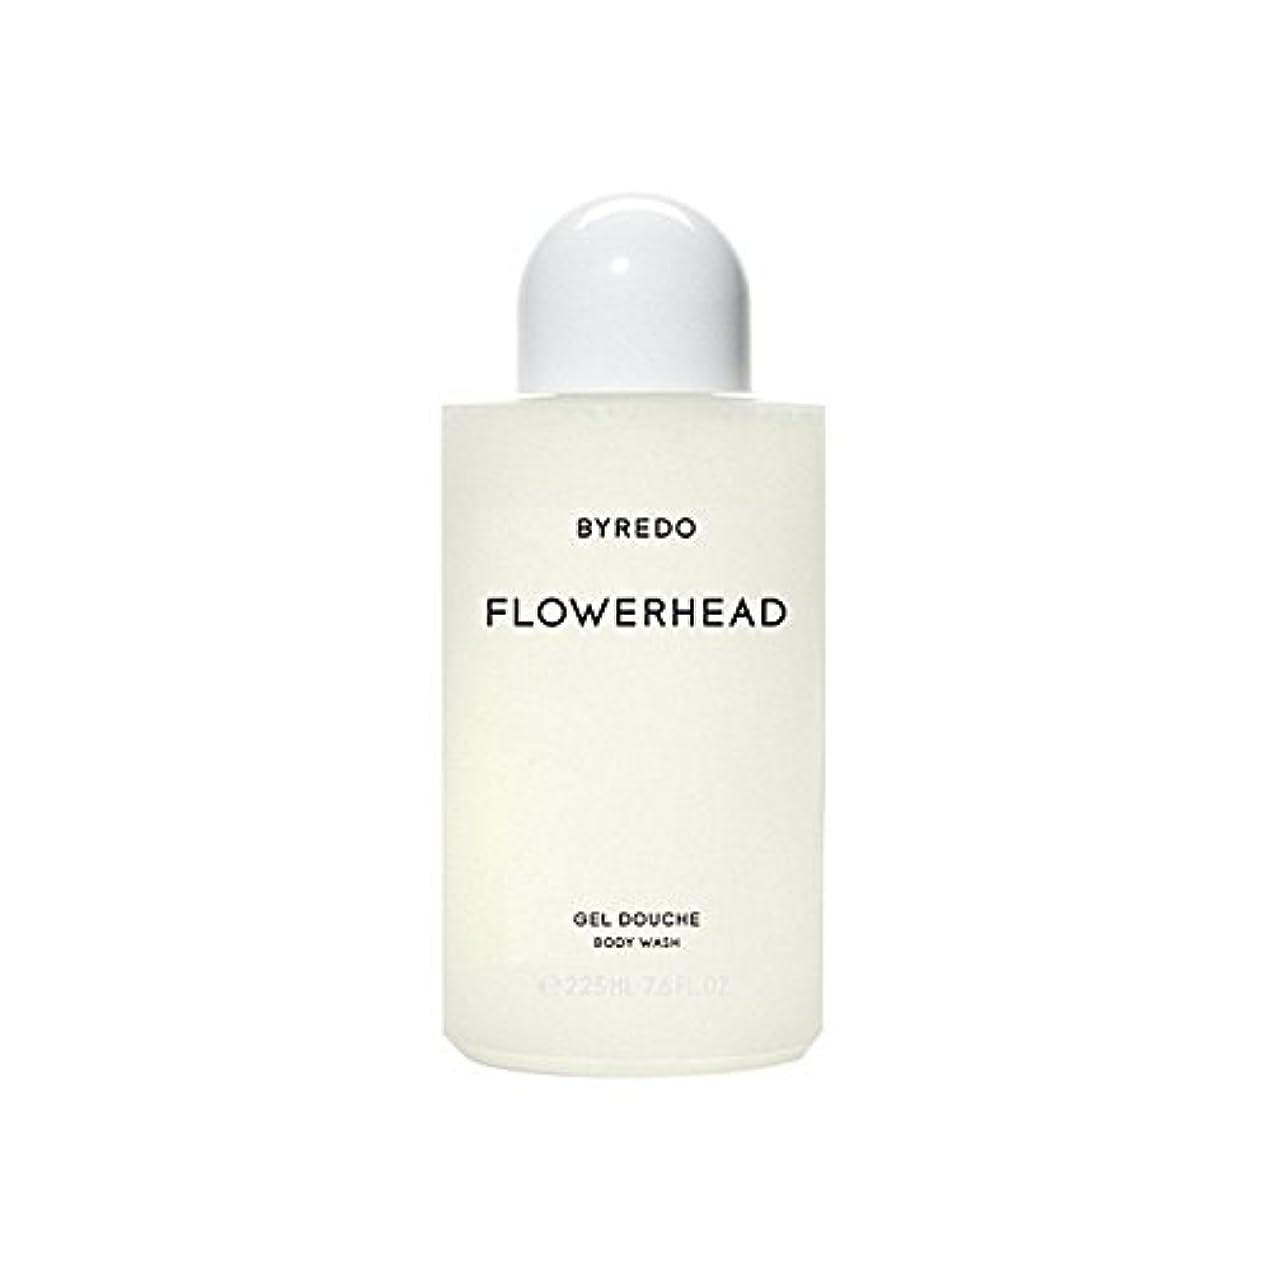 セメントセメント教えてByredo Flowerhead Body Wash 225ml - ボディウォッシュ225ミリリットル [並行輸入品]